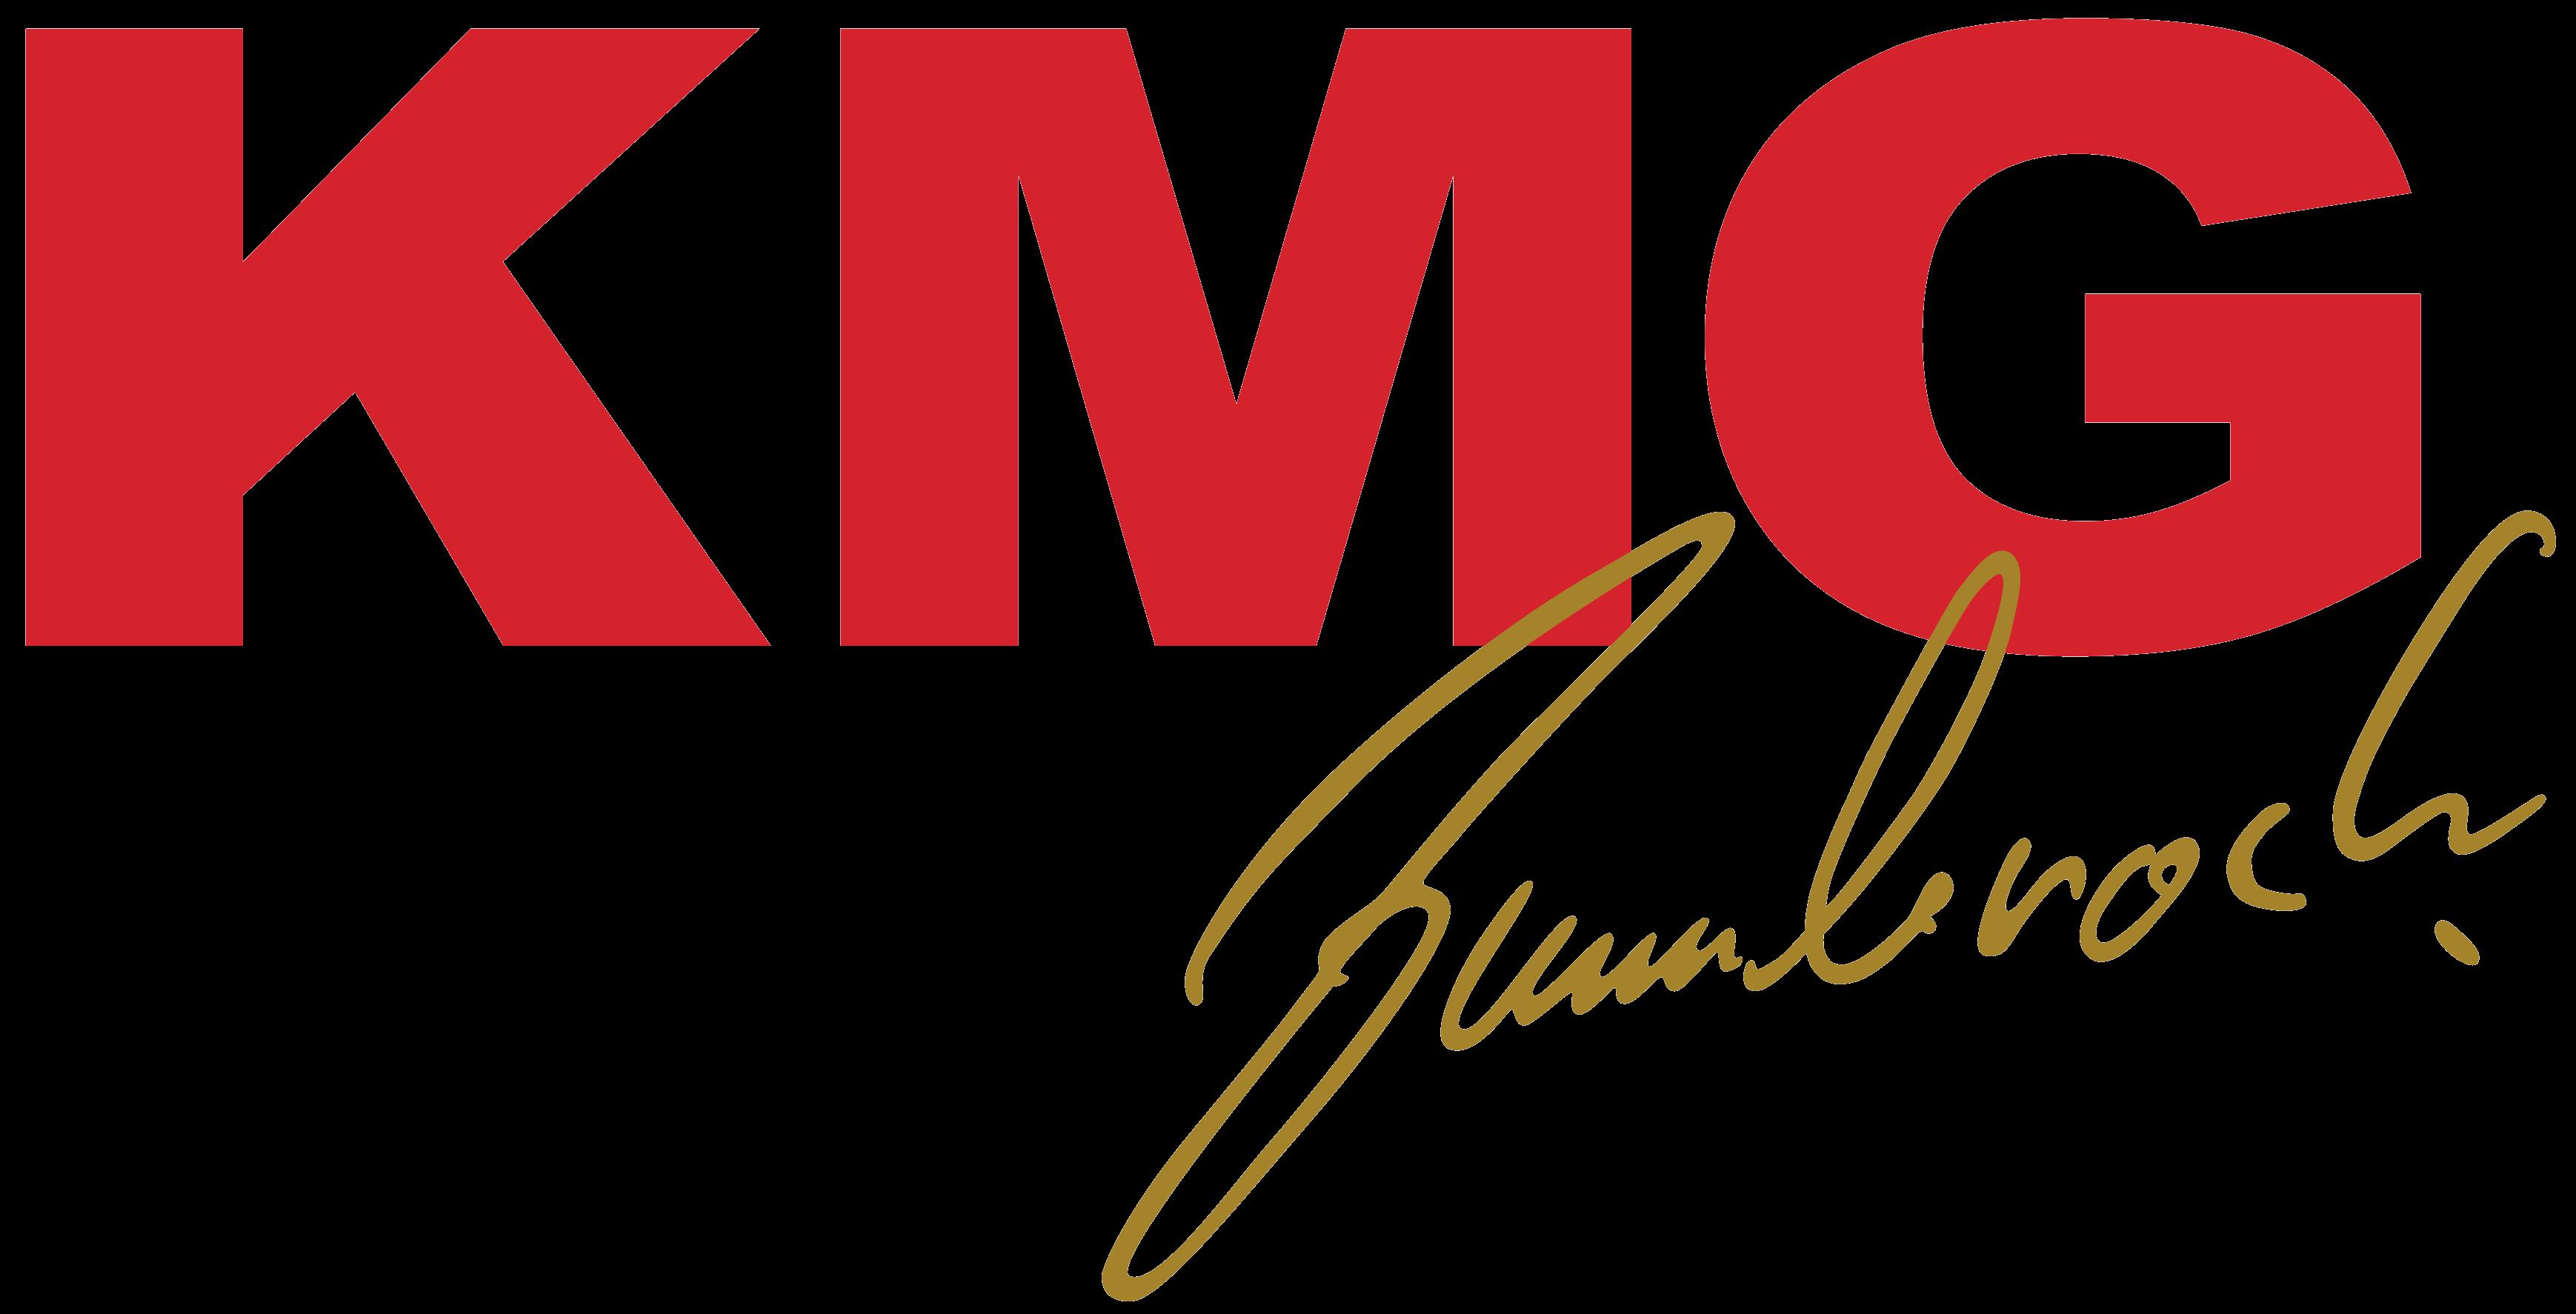 KMG Zumbrock GmbH